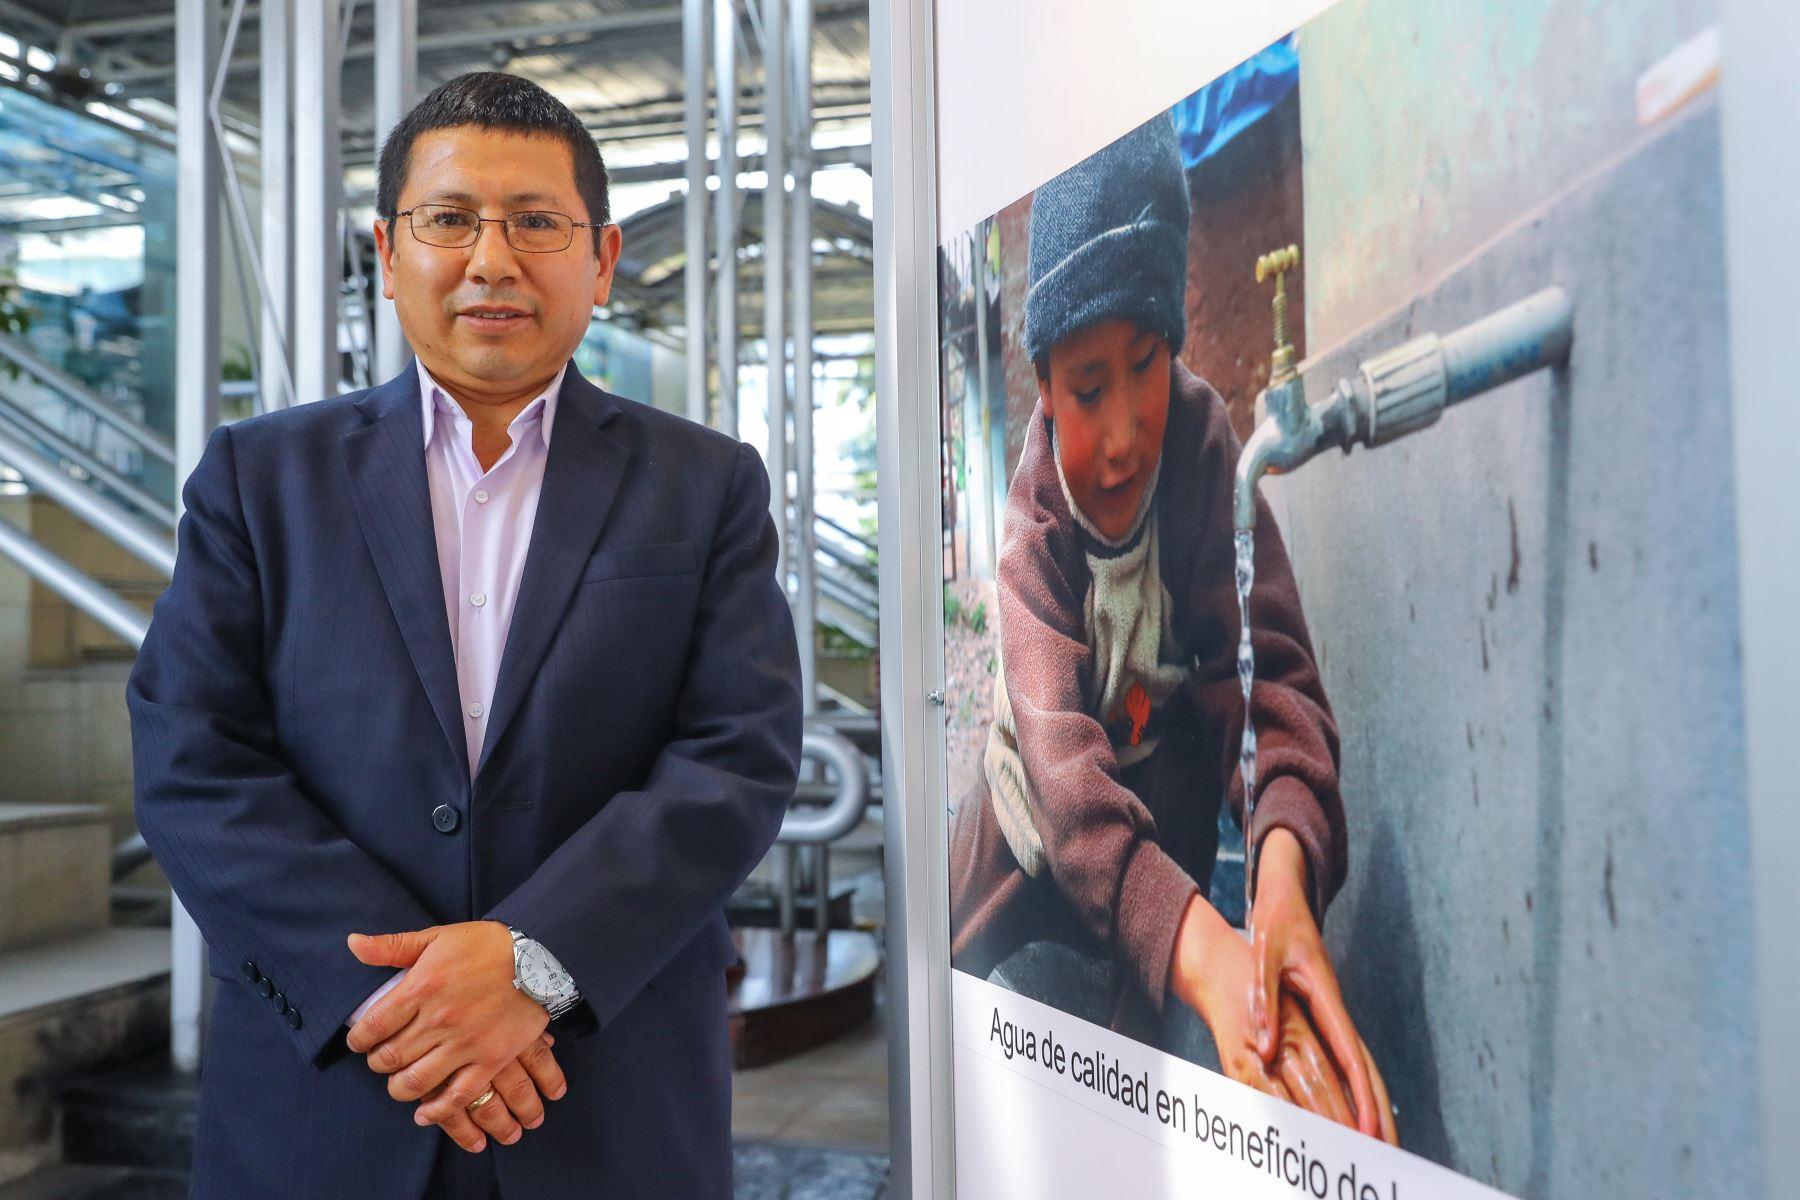 El presidente del Servicio de Agua Potable y Alcantarillado de Lima (Sedapal), Edmer Trujillo. Foto: ANDINA/Andrés Valle